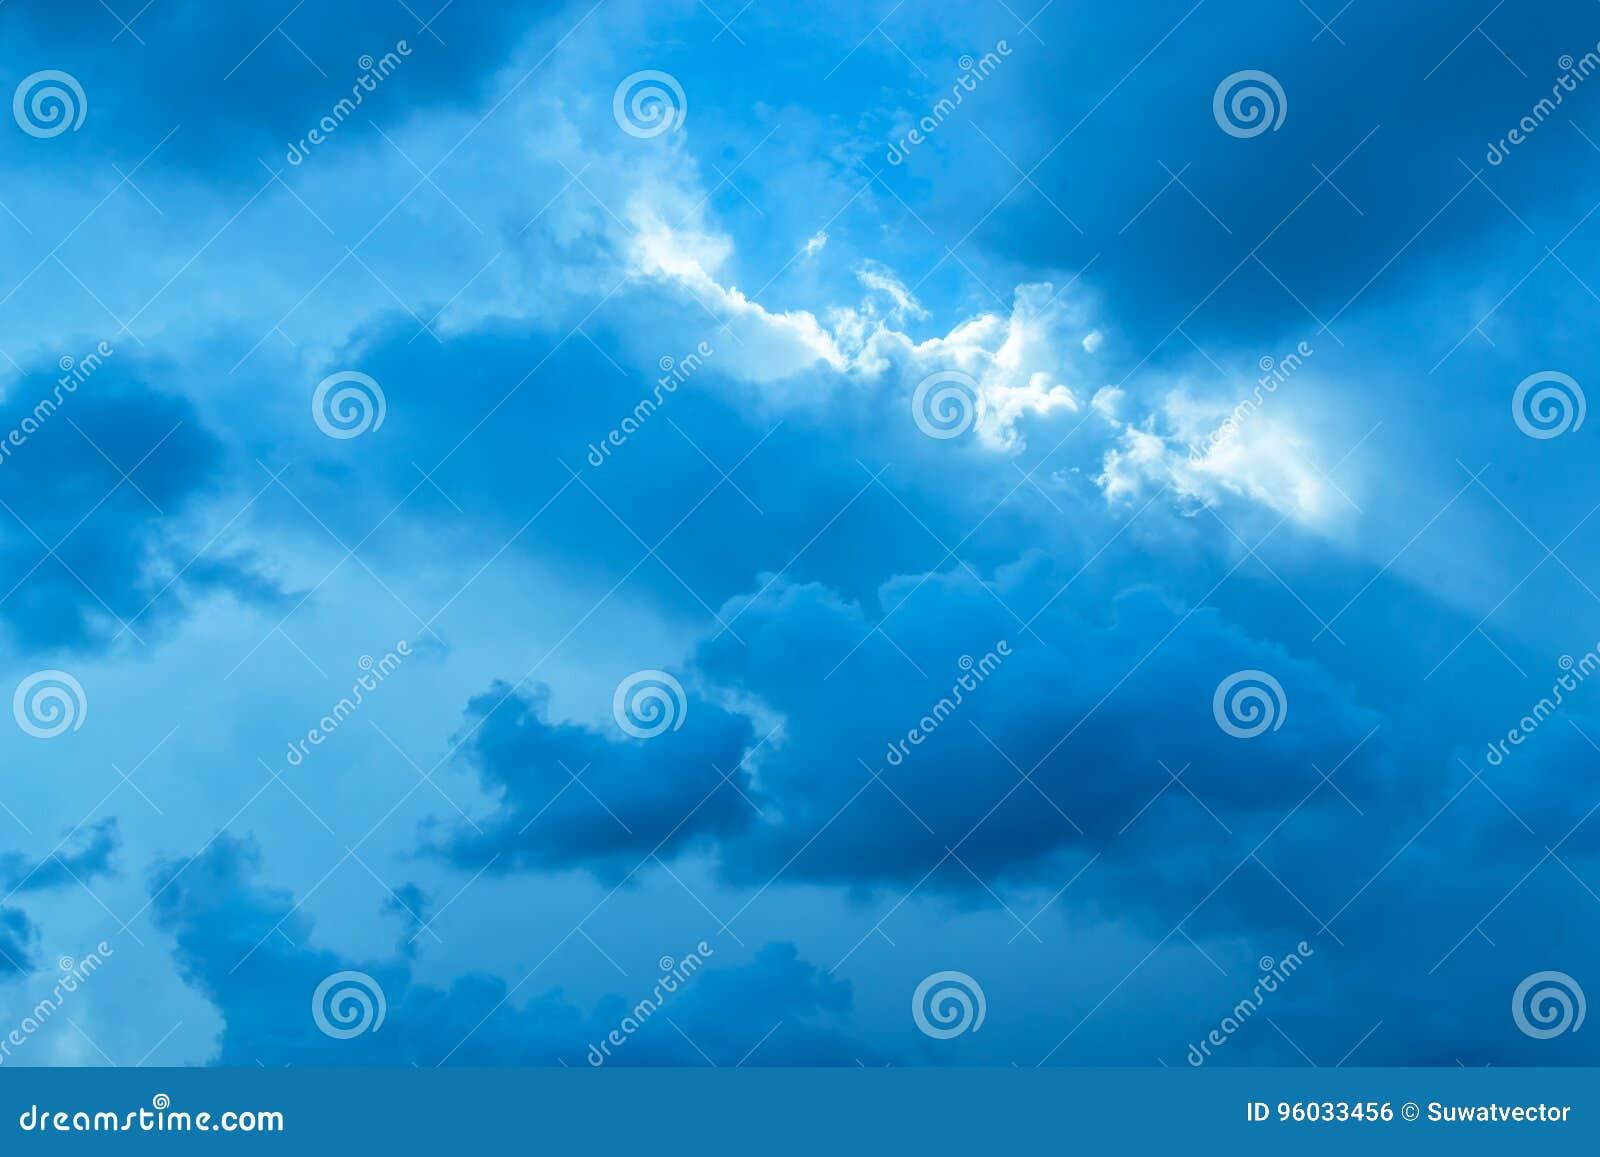 Błękitny tło niektóre chmury